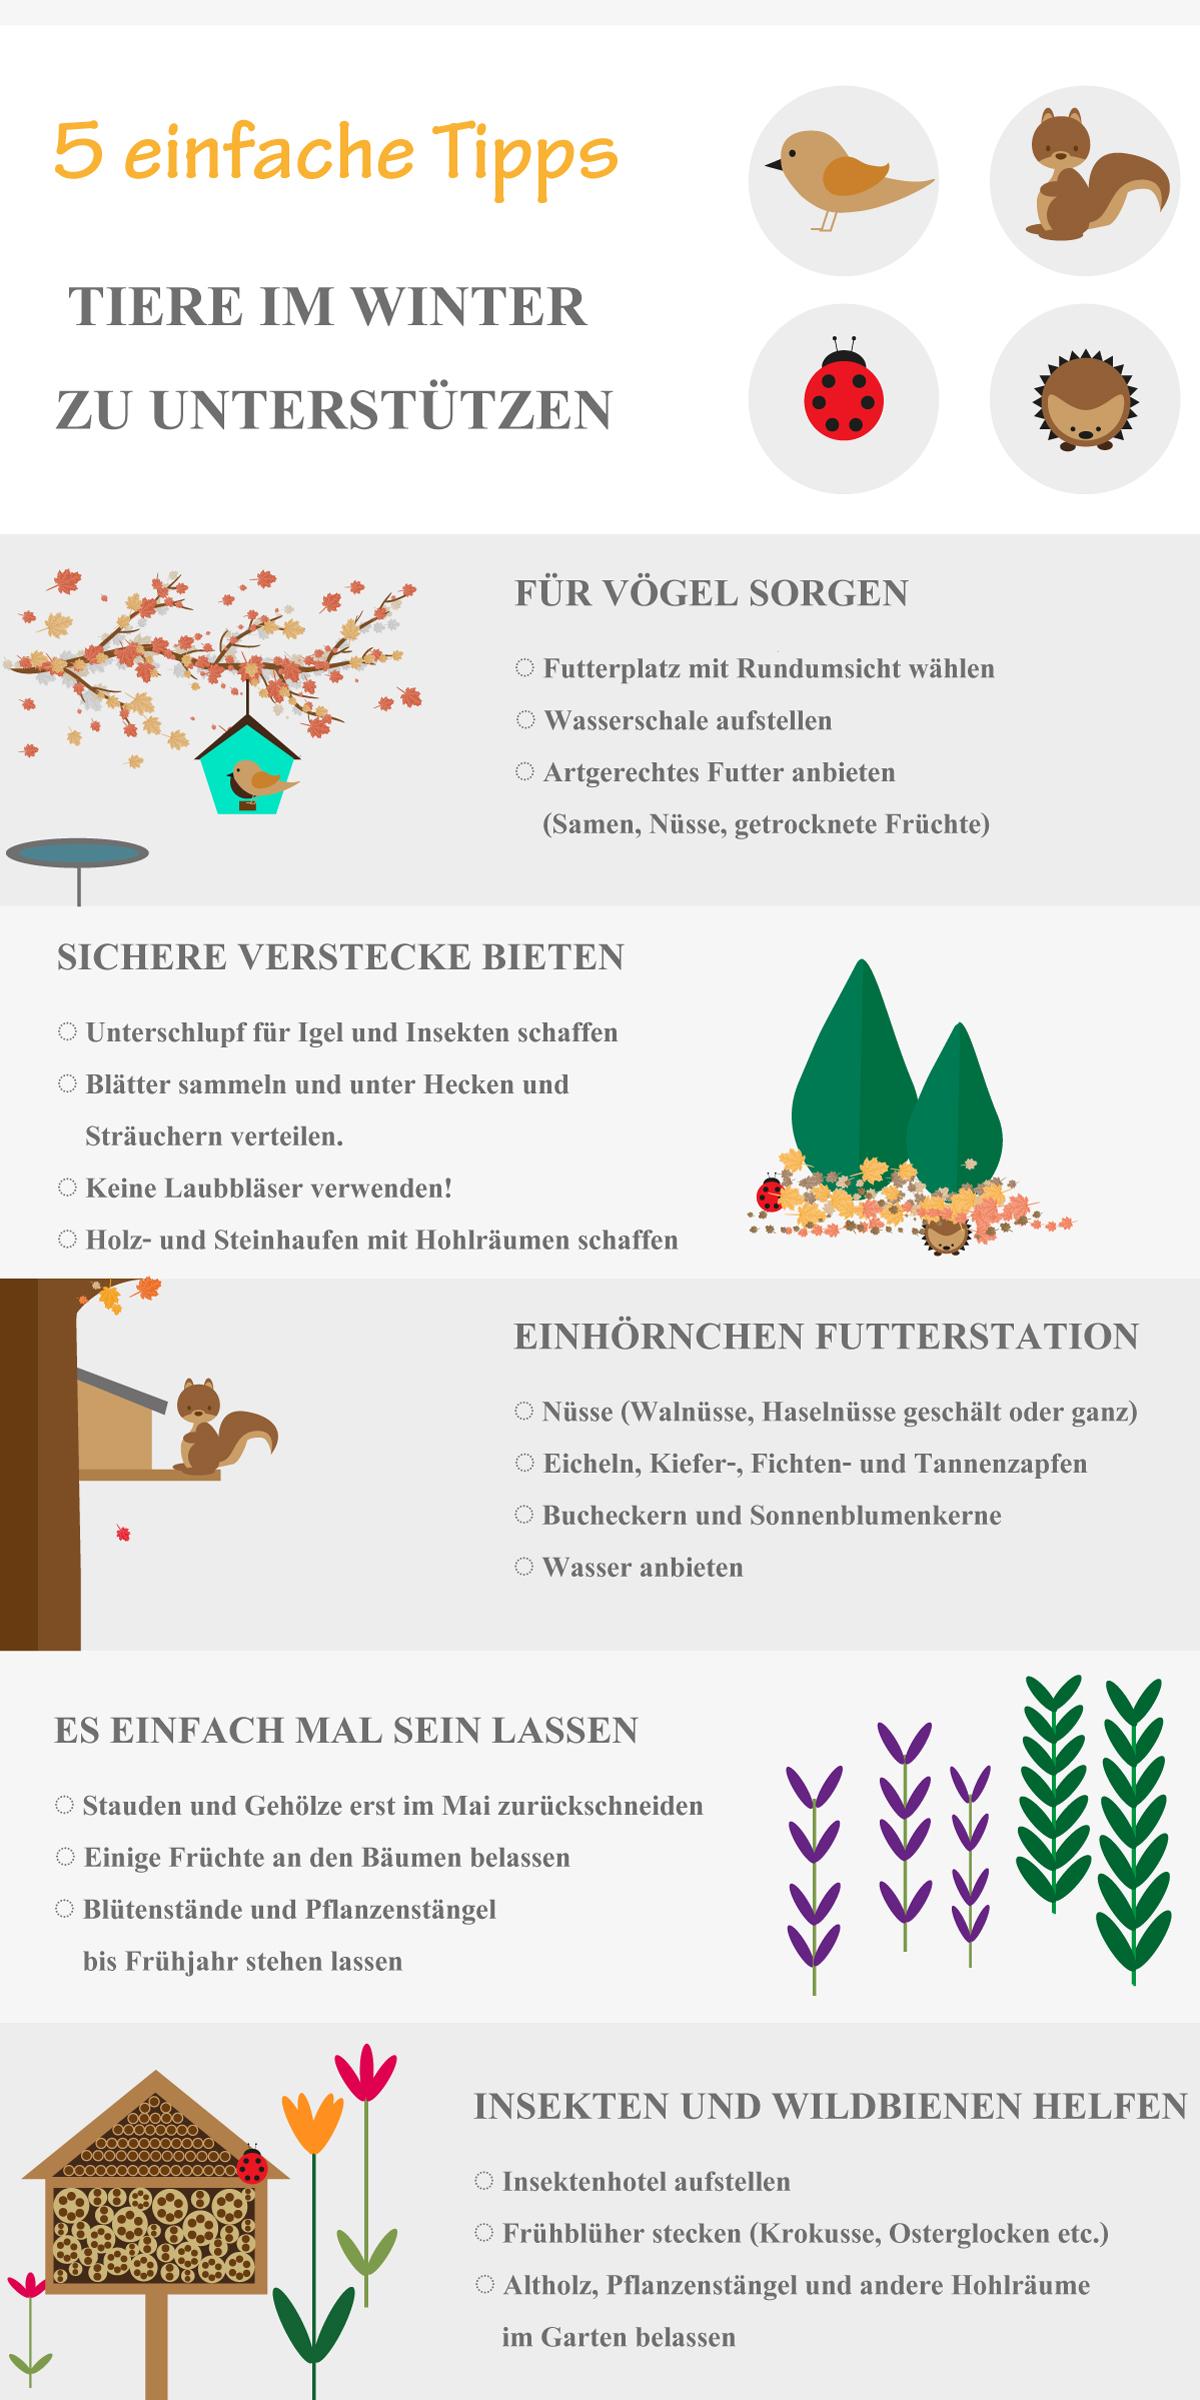 Tierfreundlicher Garten Infografik mit 5 Tipps